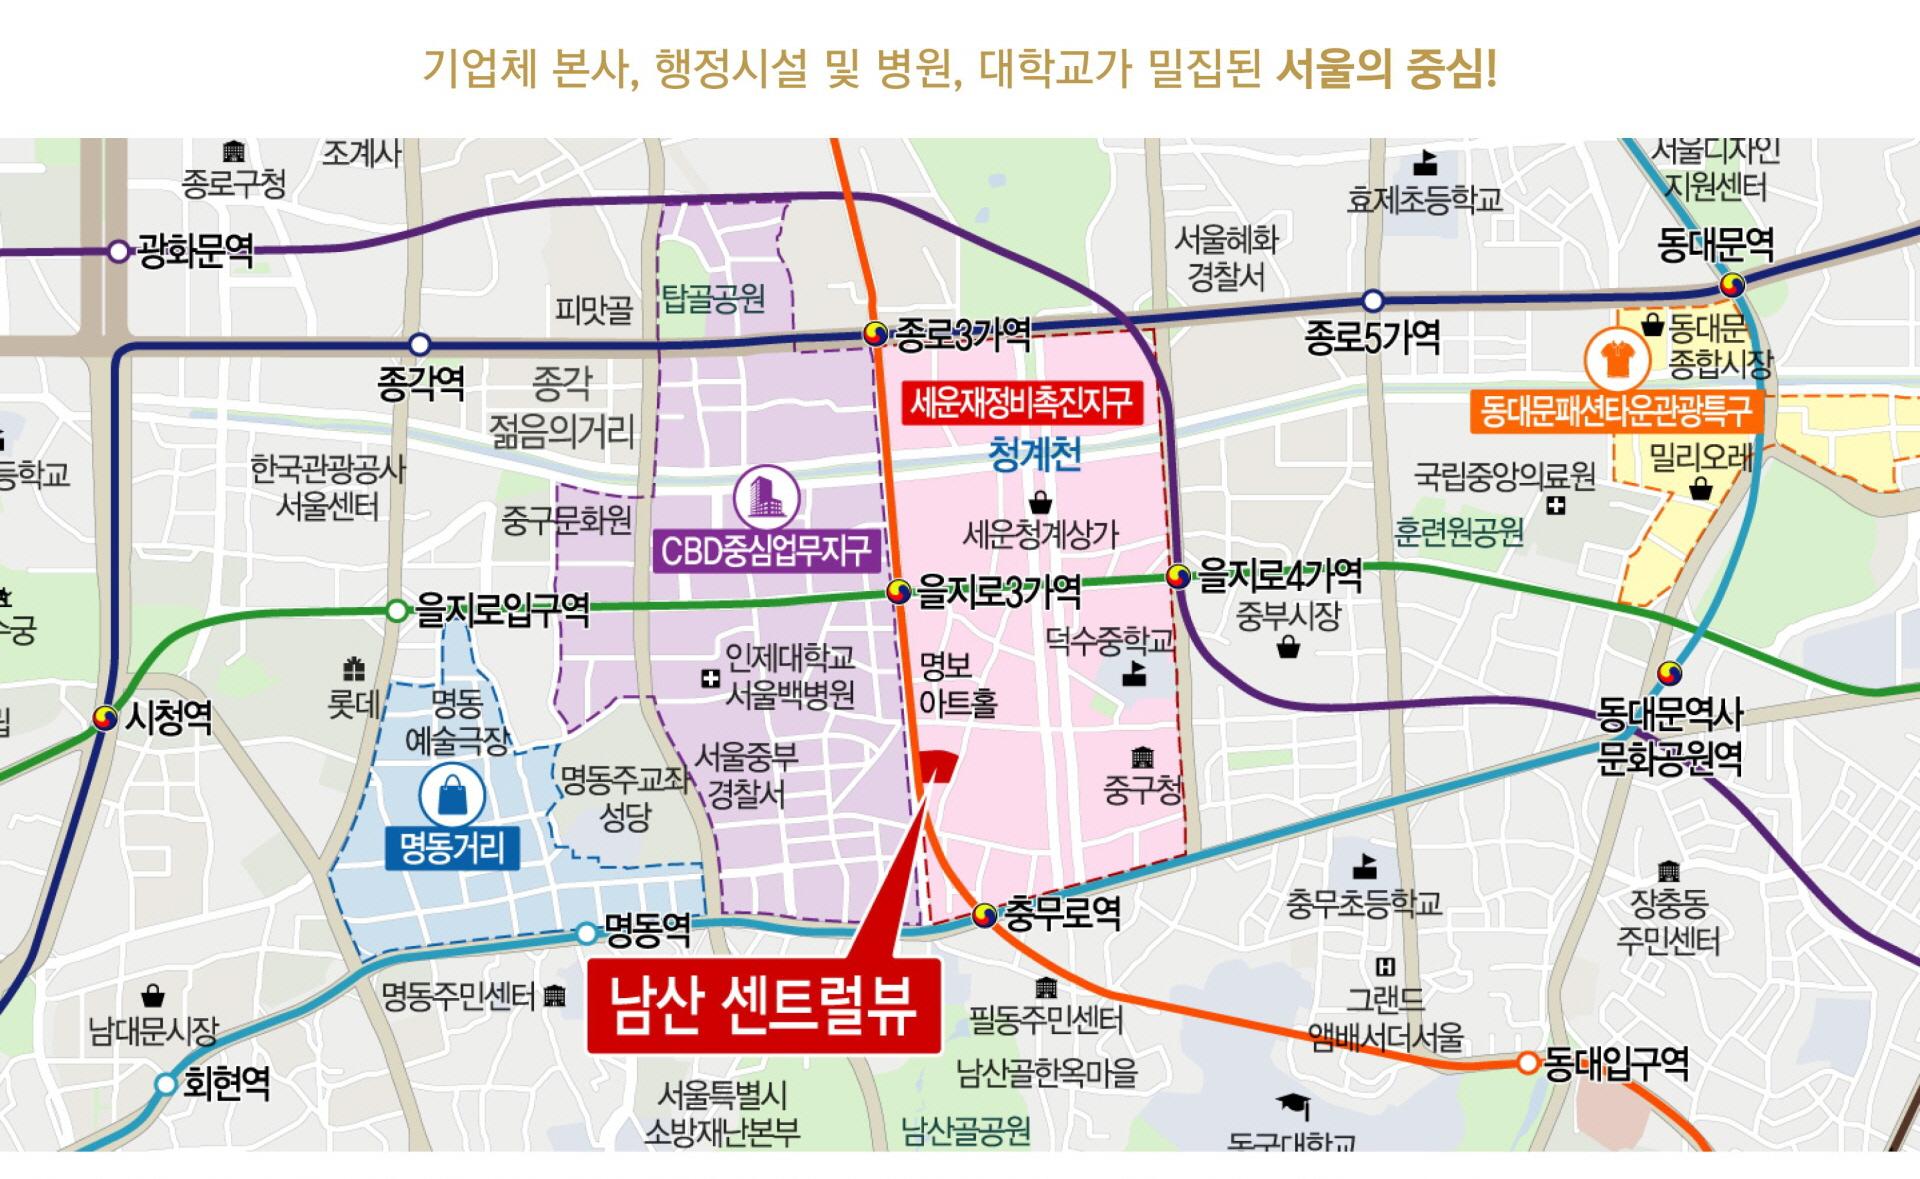 남산 센트럴뷰 스위트 입지현황